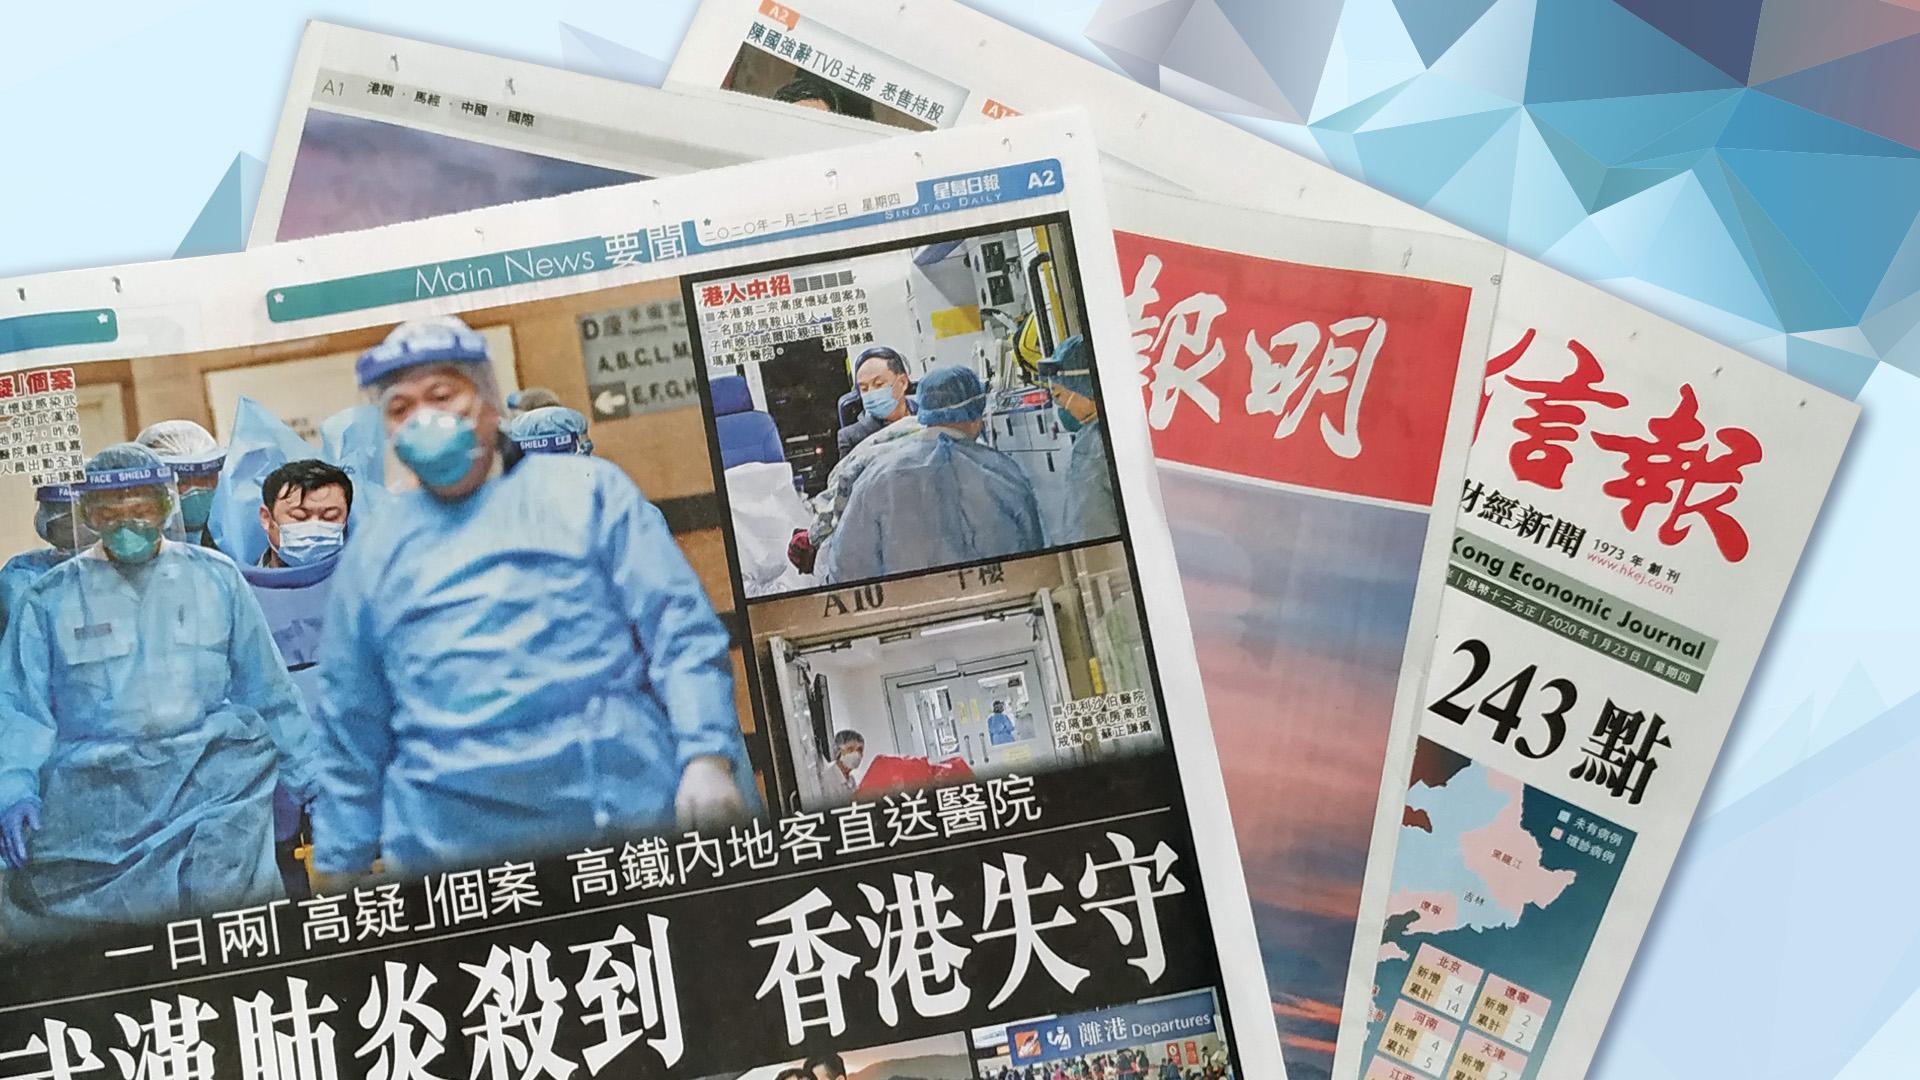 【報章A1速覽】武漢肺炎殺到 香港失守;新肺炎攻陷港澳 夜期挫266點